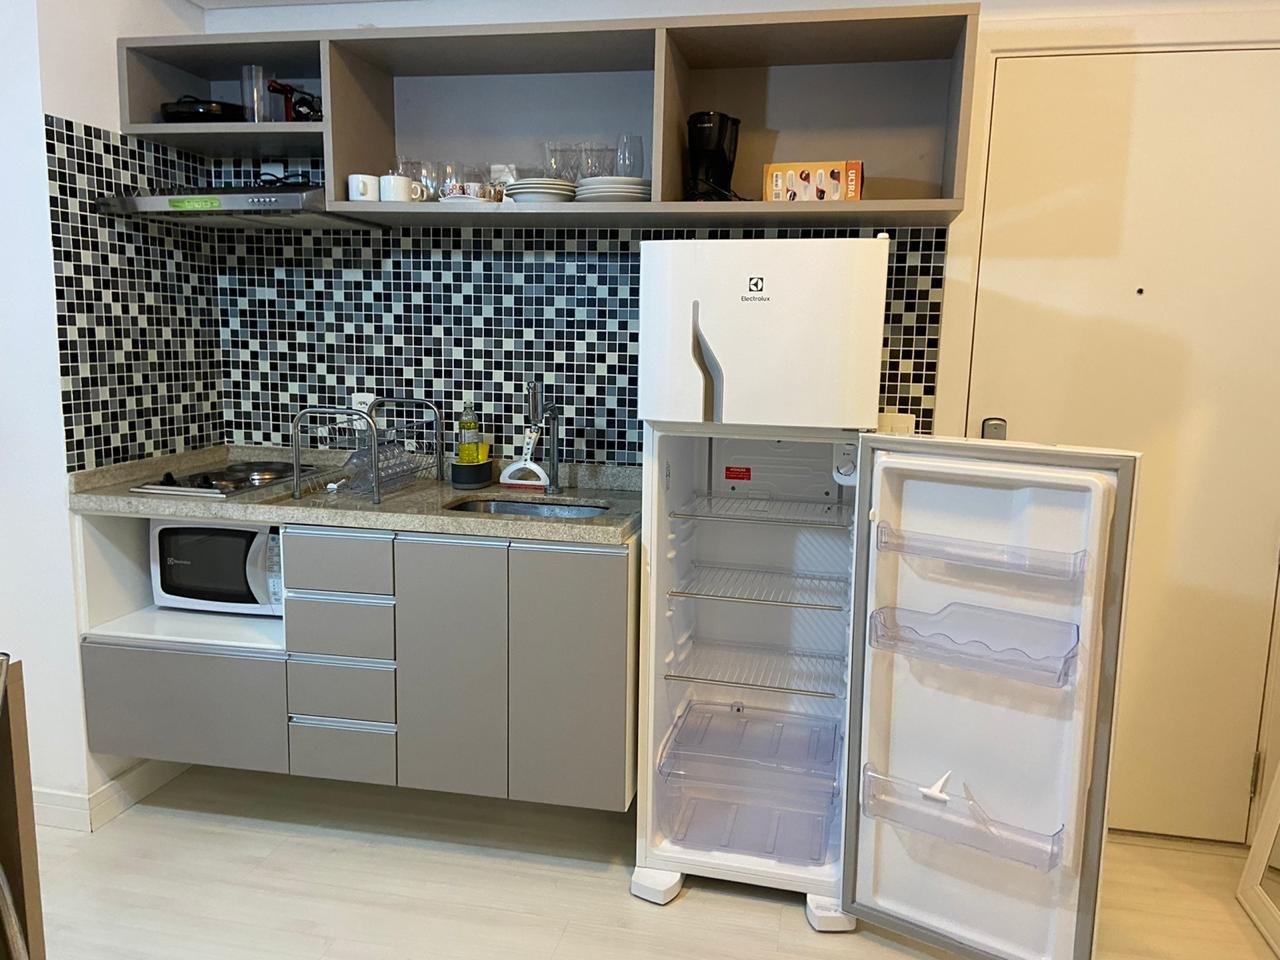 Foto de Cozinha com garrafa, tigela, geladeira, xícara